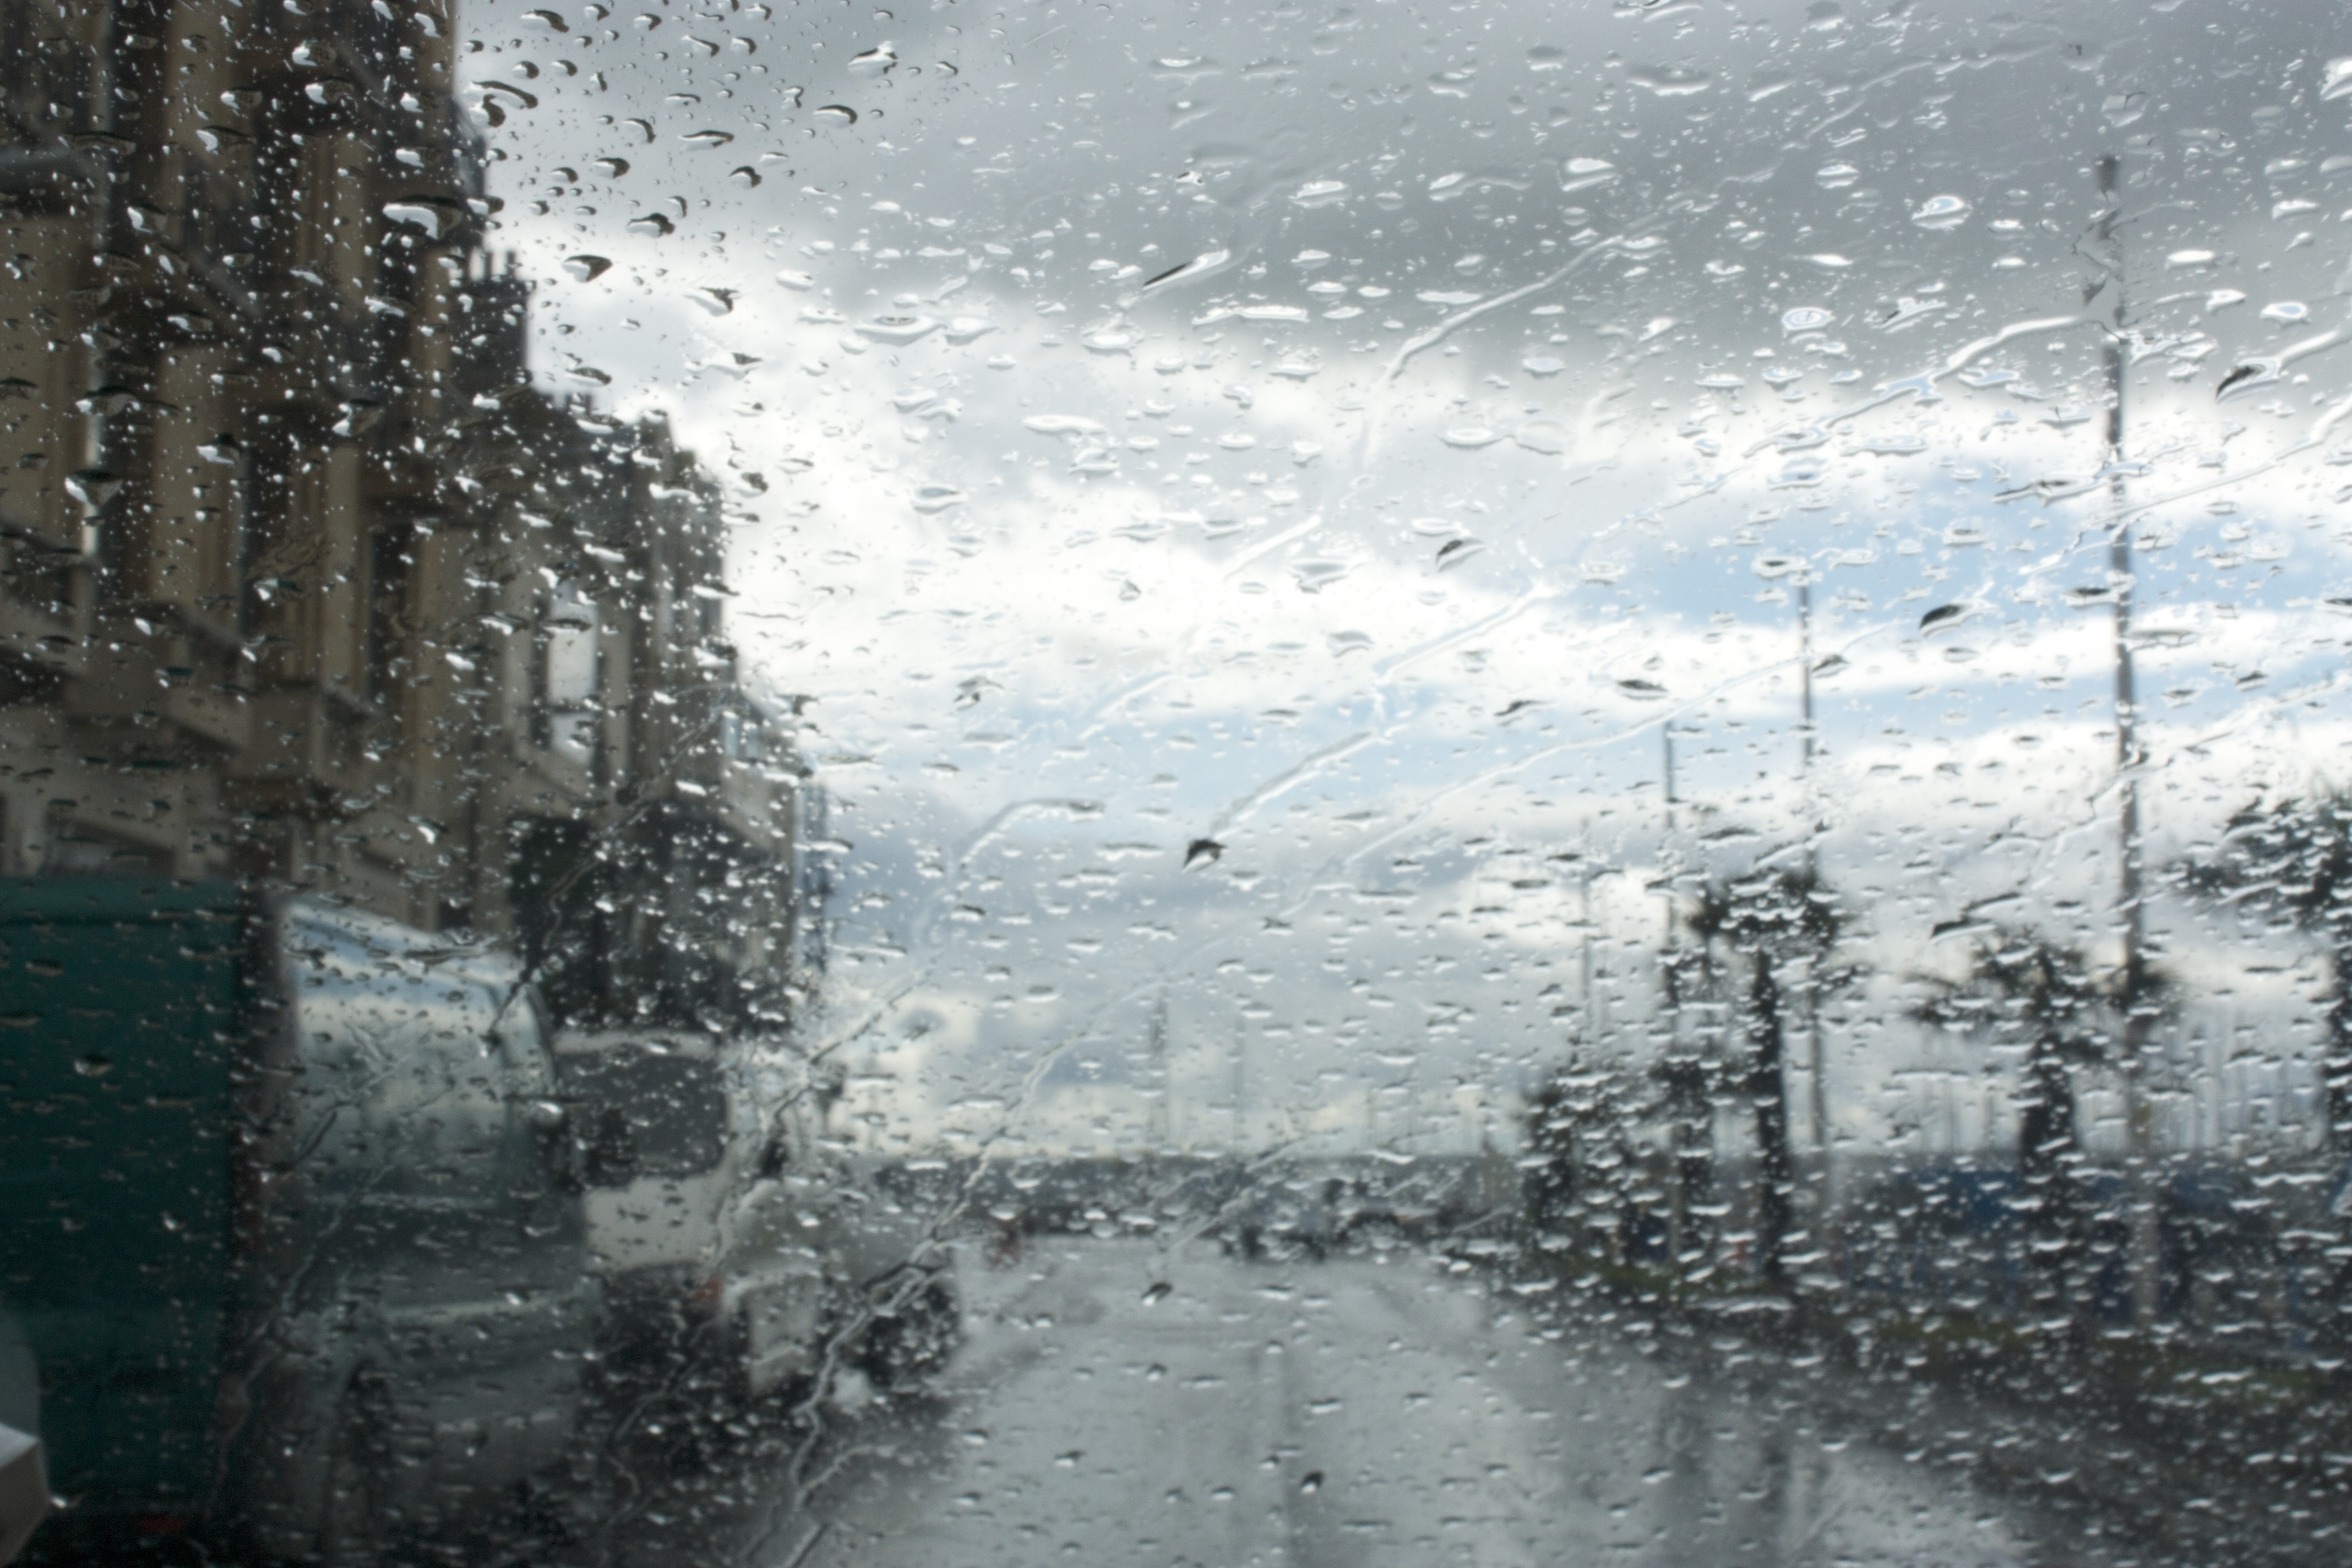 храме картинки дождя в городе из окна энергетиком